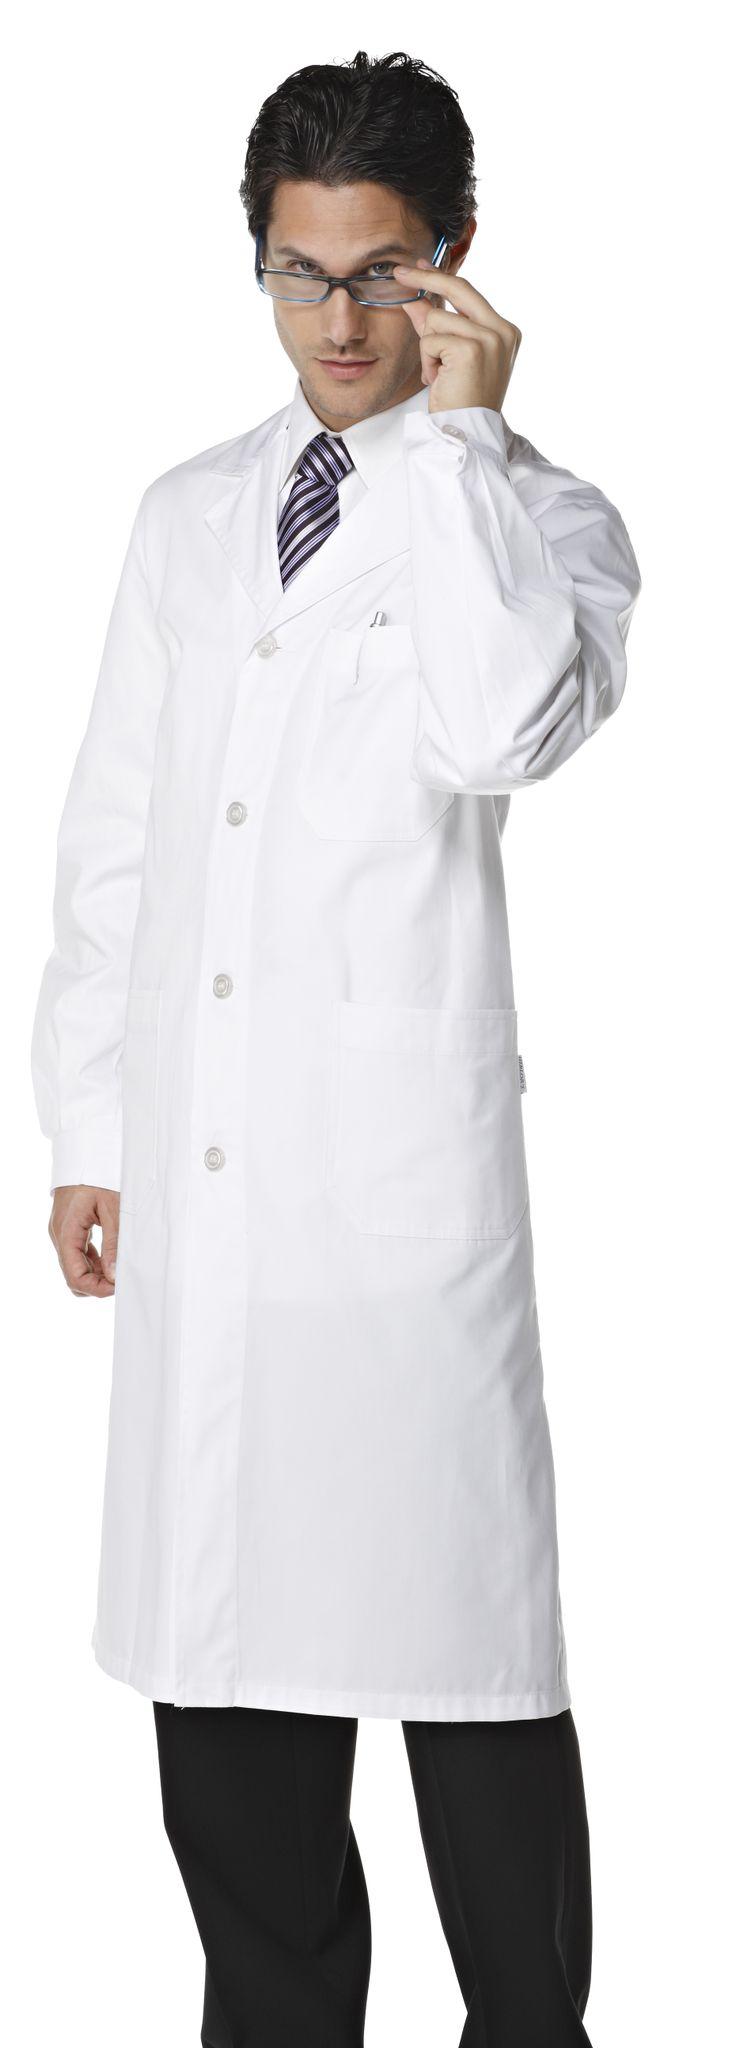 #Divisa medicale #rbdivise - Camice uomo Lux  - Cotone 100% - A partire da € 38,50. Per visionare tutti i modelli, le taglie, i tessuti e i colori, vai sul sito all'indirizzo www.rbdivise.it!